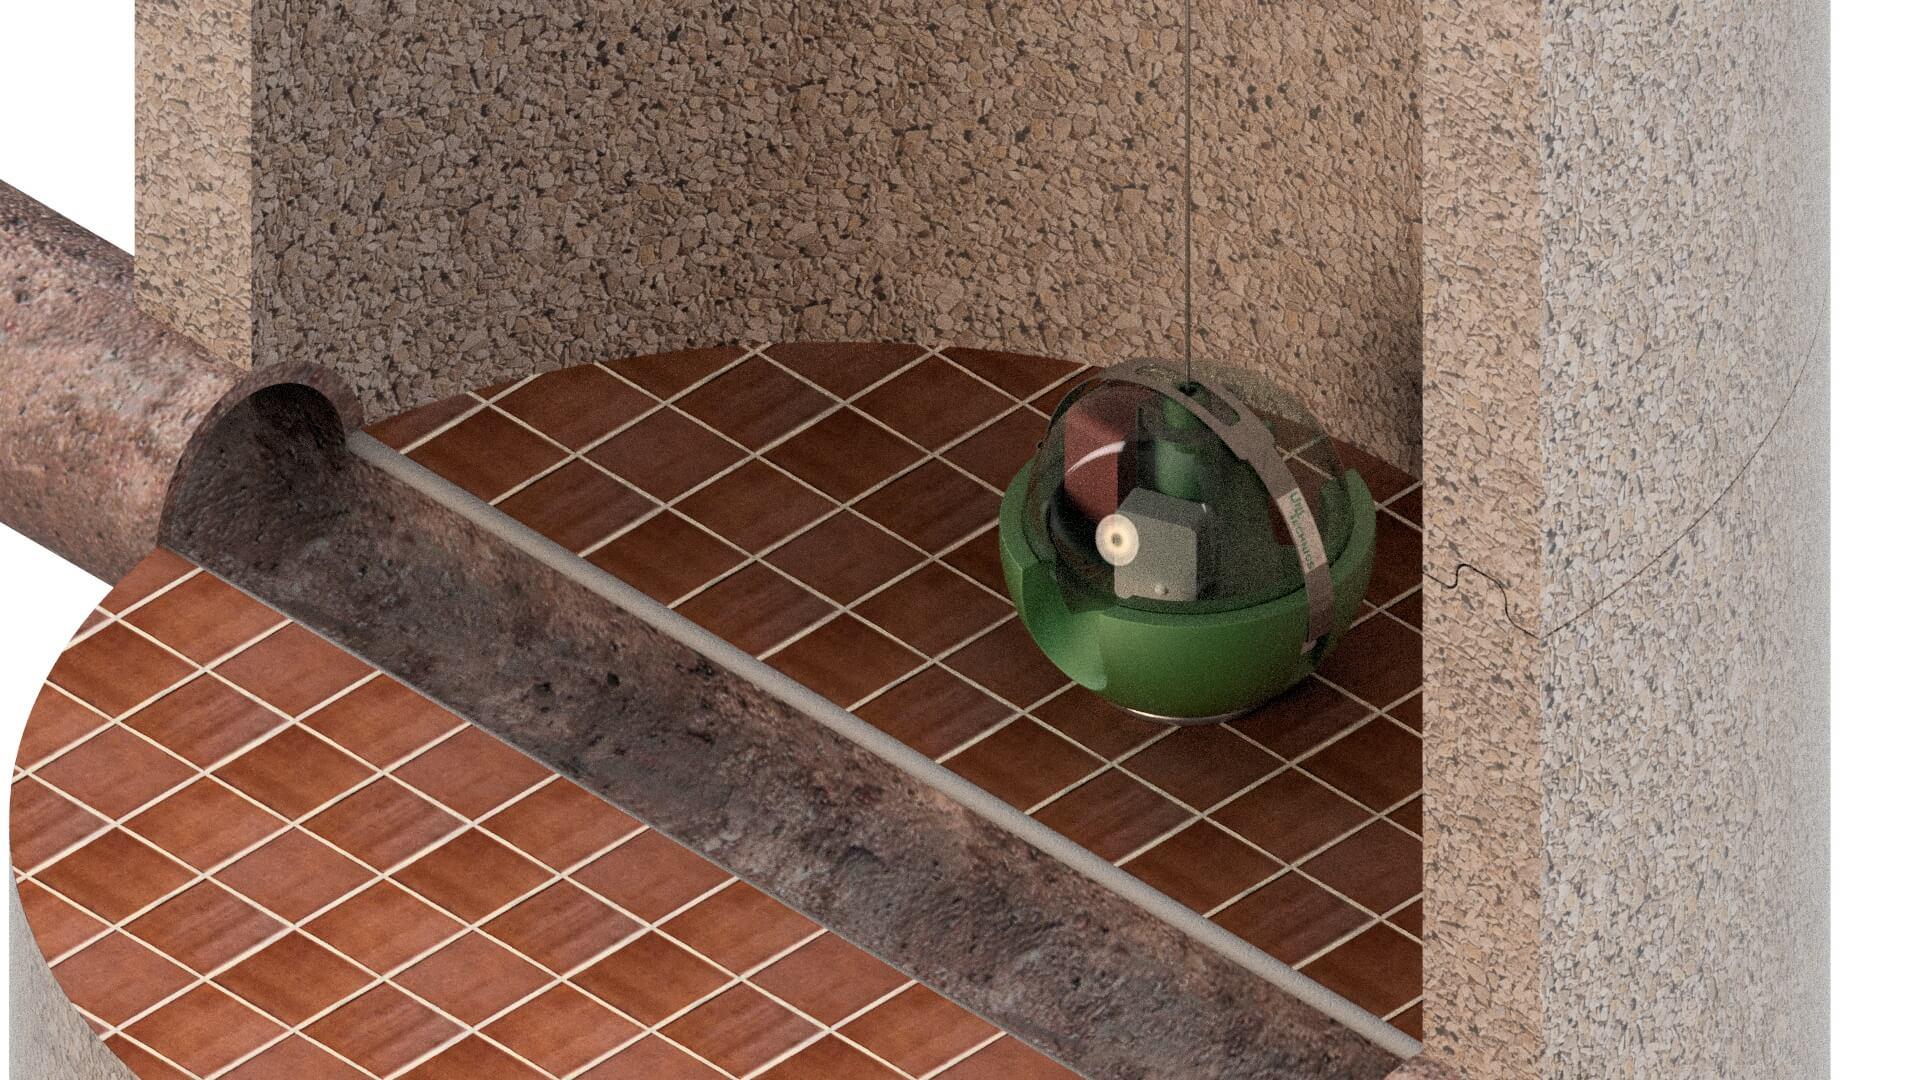 Rattenbekämpfungs-Set gegen Schadnager